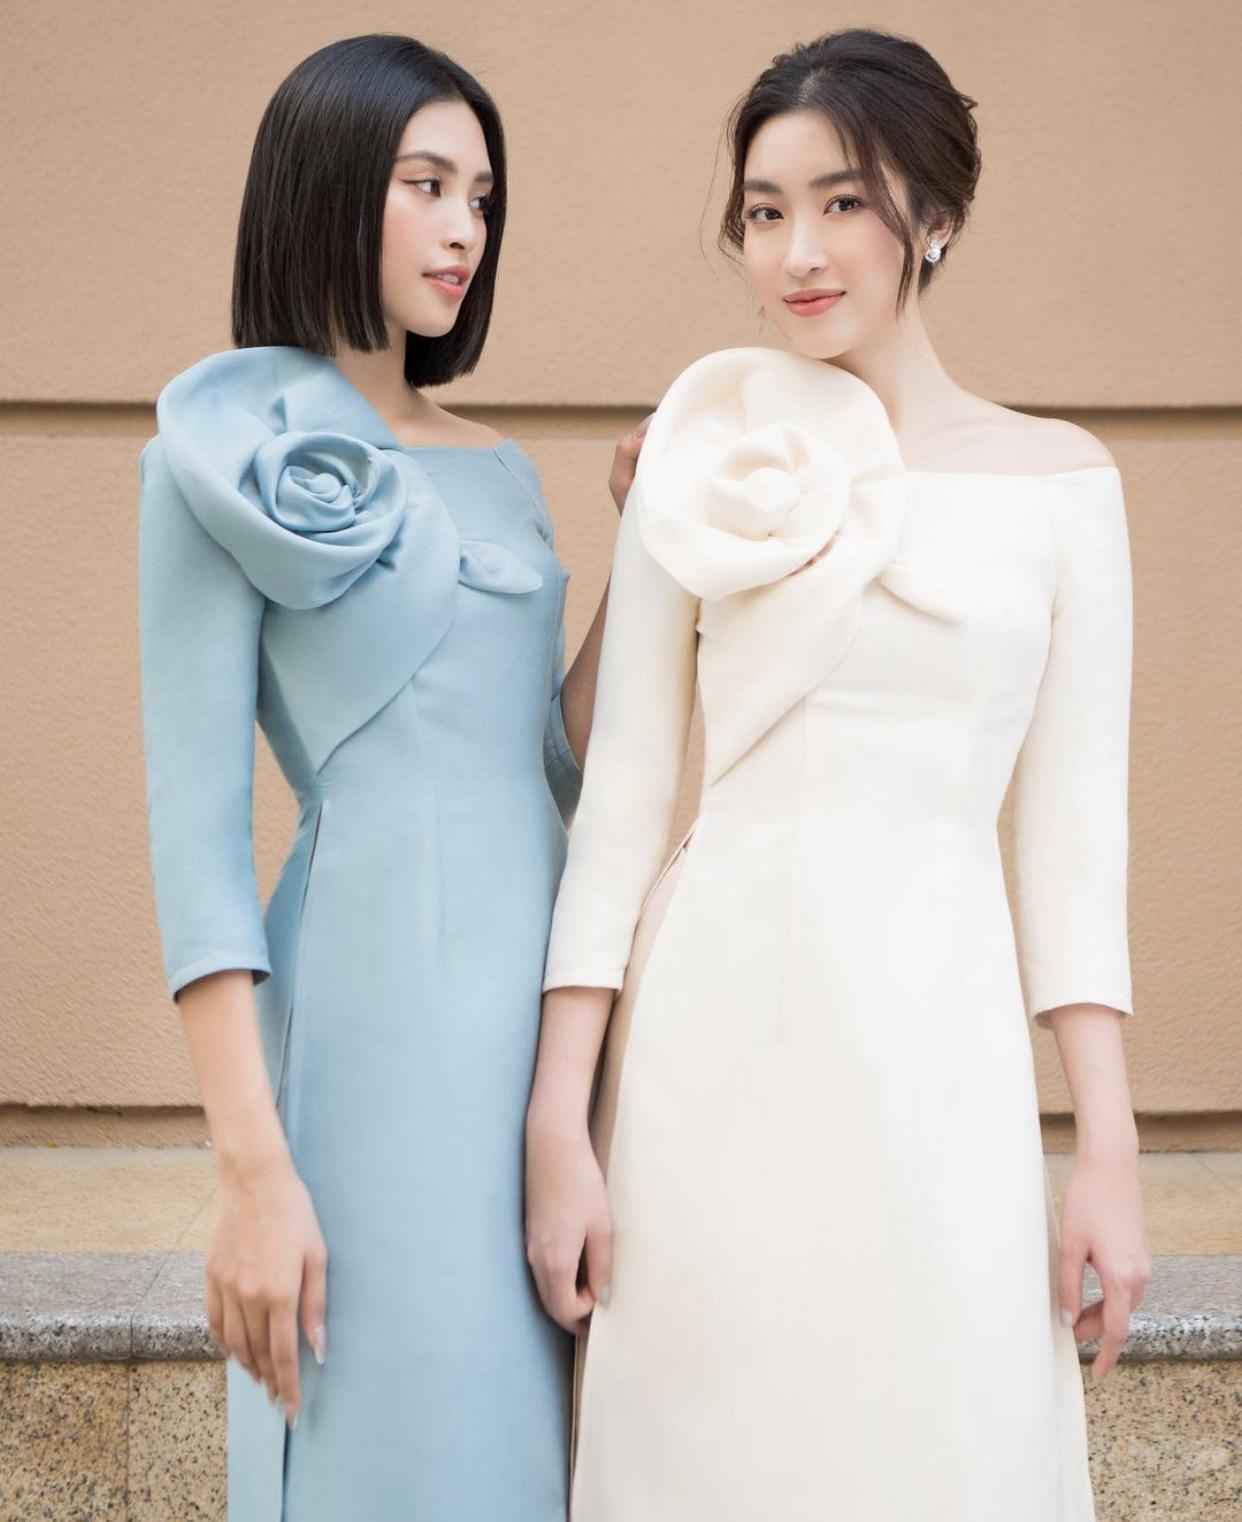 Tiểu Vy thoát mác hoa hậu ngoan hiền với trang phục khoe